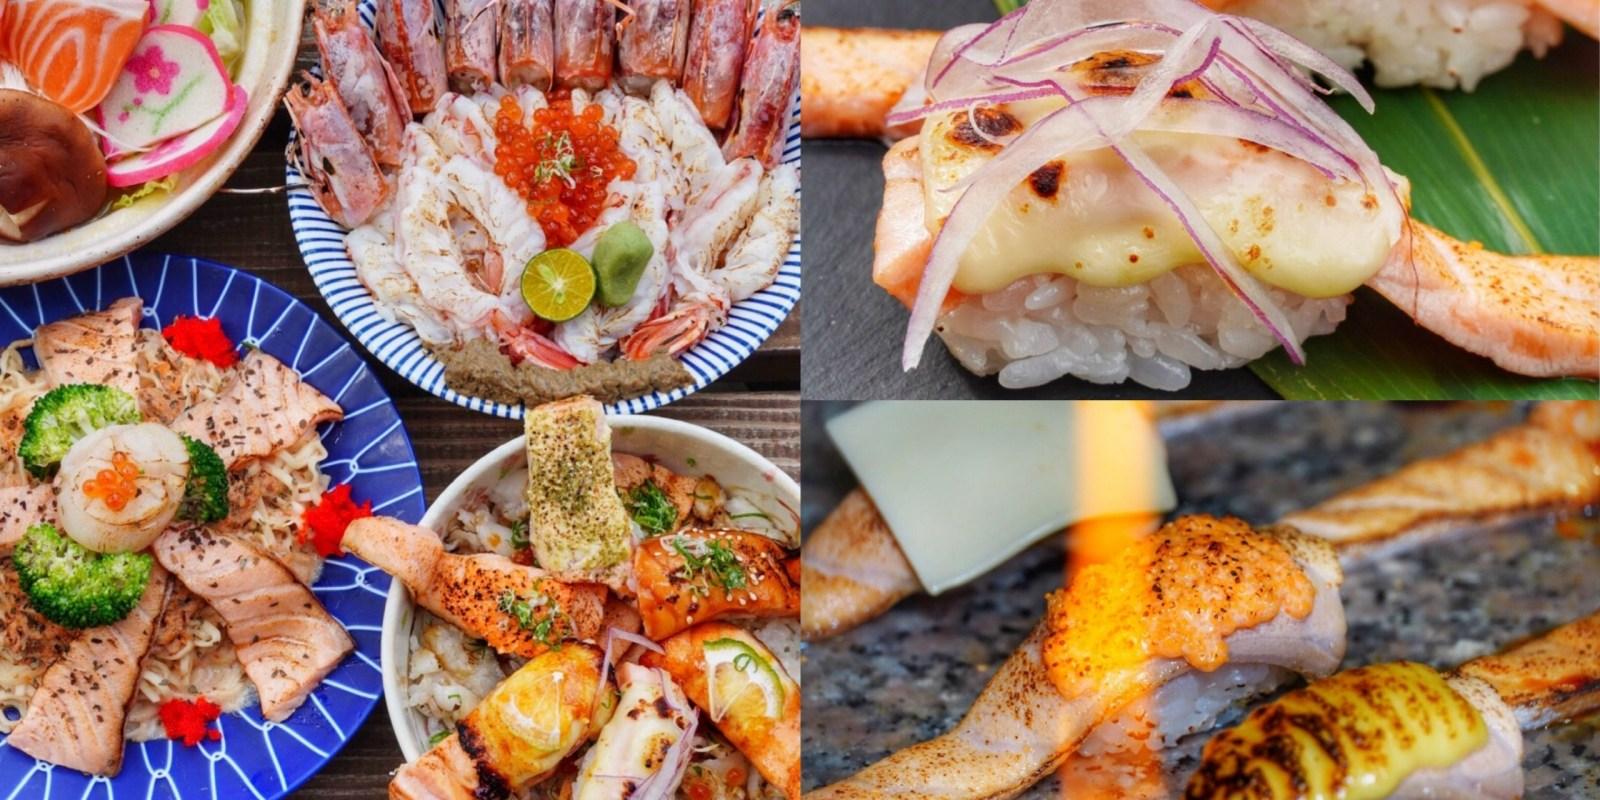 【台南美食】舞壽司 內行人才知道的隱藏版平價日料店!必吃綜合炙燒鮭魚、超狂9隻天使紅蝦軍團